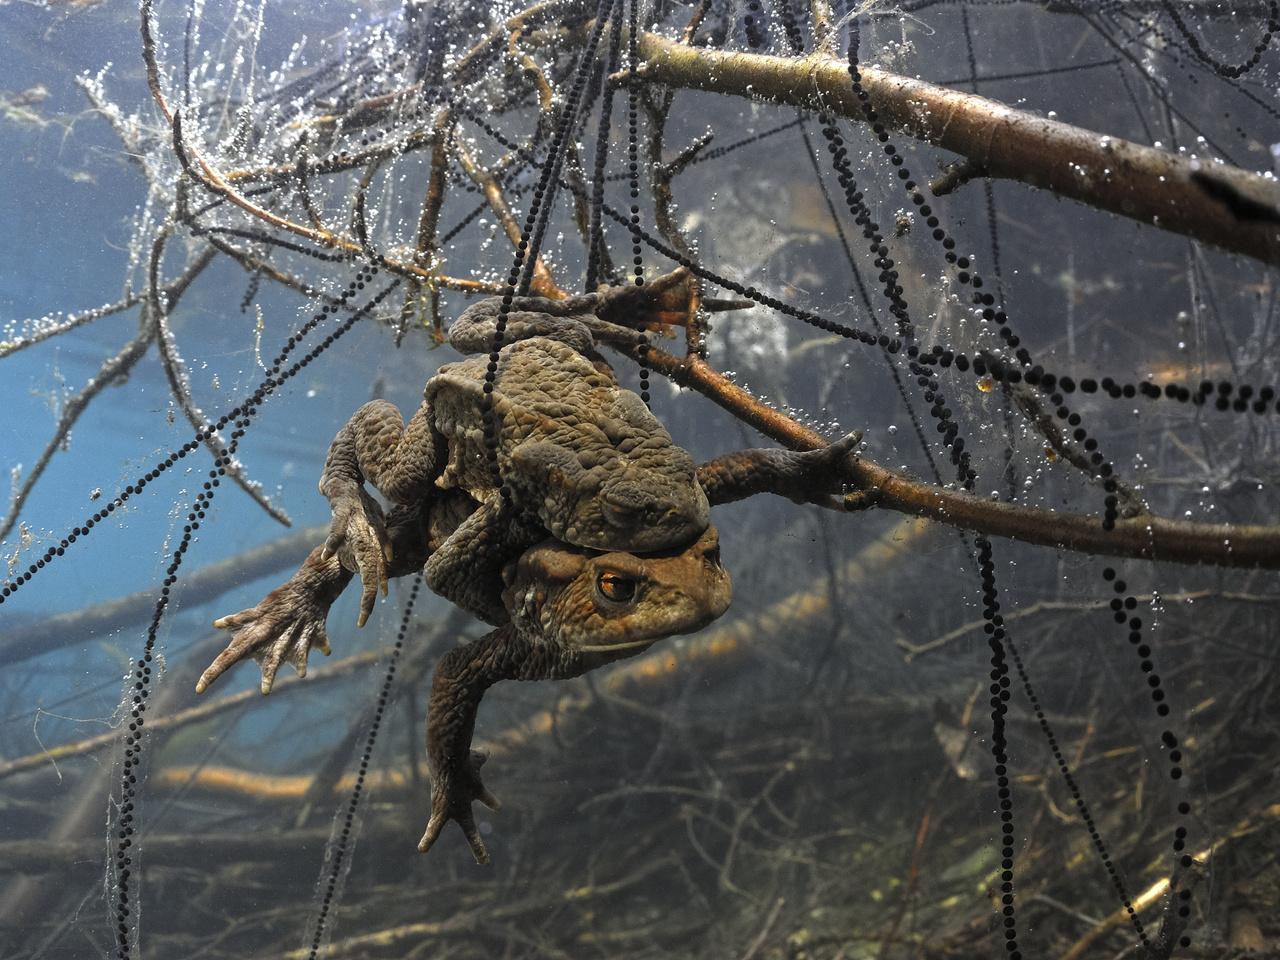 Az állatok viselkedése - 2. díj - Násfayné Kőházi Mária: Petefonalak fogságában -                          Tavasszal, a hűvös vizekben párzó barna varangyok előszeretettel kapaszkodnak meg vízbe hullott ágakon, miközben a nőstények kibocsátják petefonalaikat. A kedvelt helyeken idővel olyan fonalerdő alakul ki, amelybe a későn jövők beleakadhatnak. Miután lefényképeztem, hosszan figyeltem ezt az elakadt párt, és meglepődtem, mennyire nehezen szakadnak, inkább csak nyúlnak ezek a fonalak. Nehezen tudtak szabadulni, pedig az éltető levegőre fel kellett jutniuk…